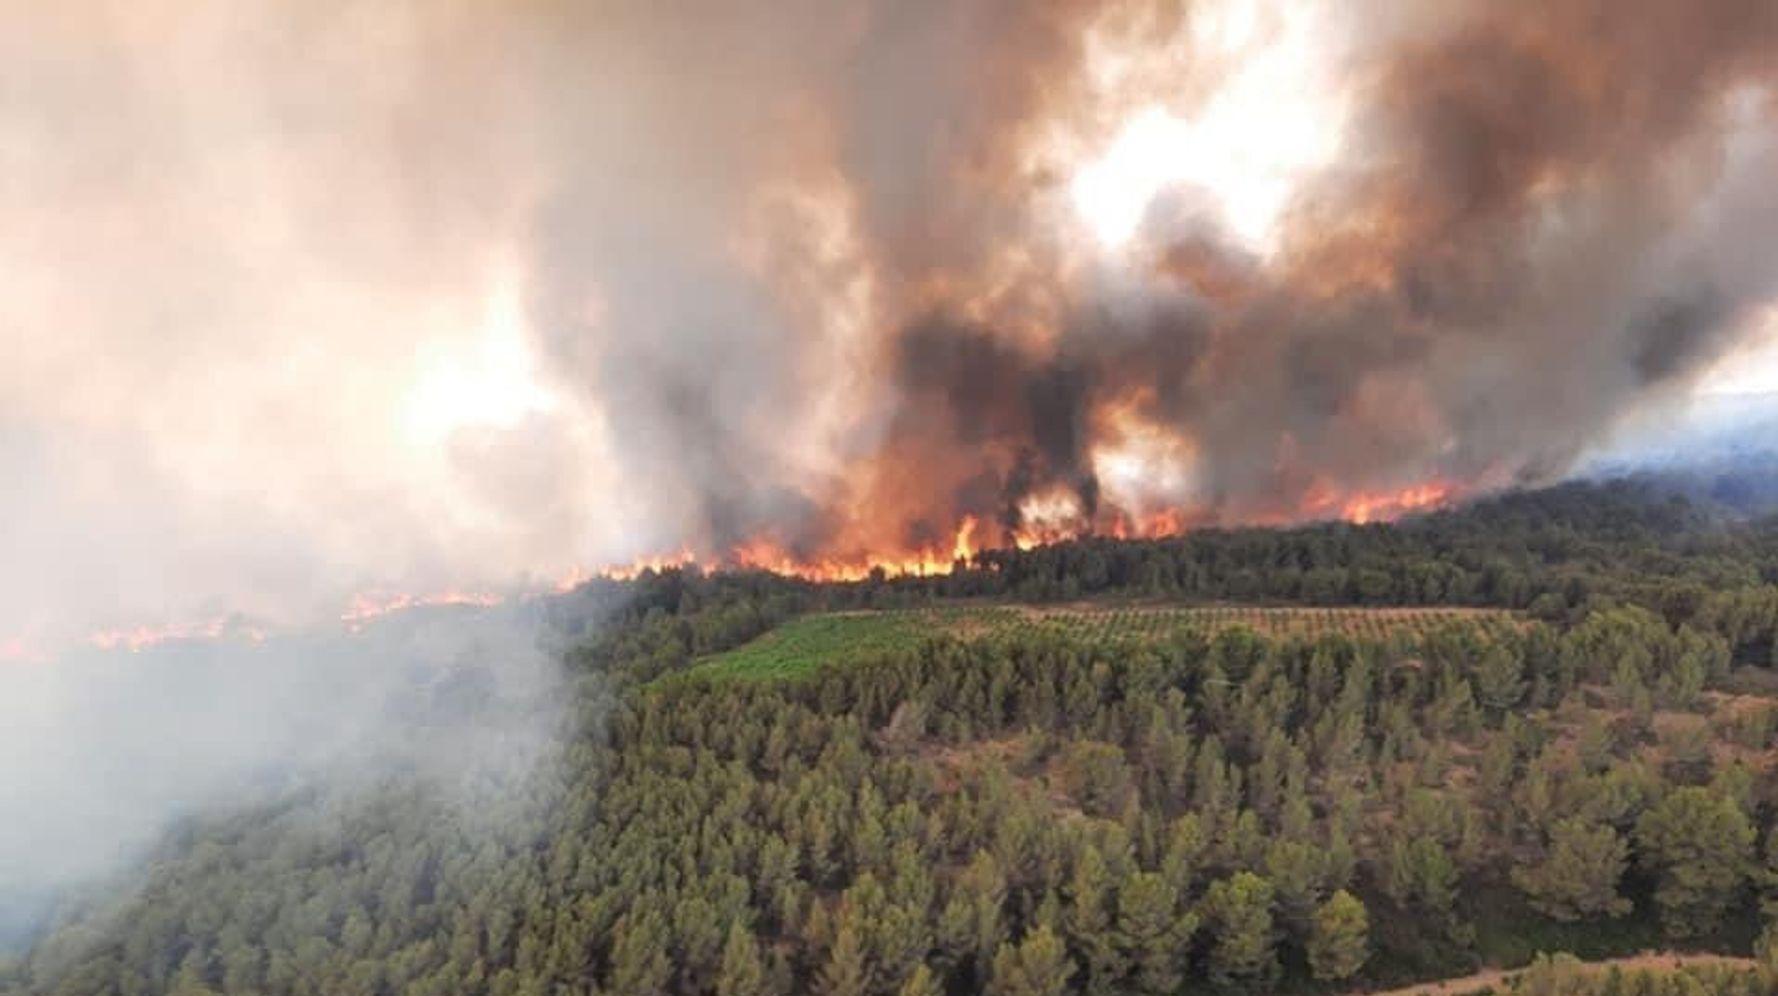 À Narbonne dans l'Aude, l'incendie est désormais